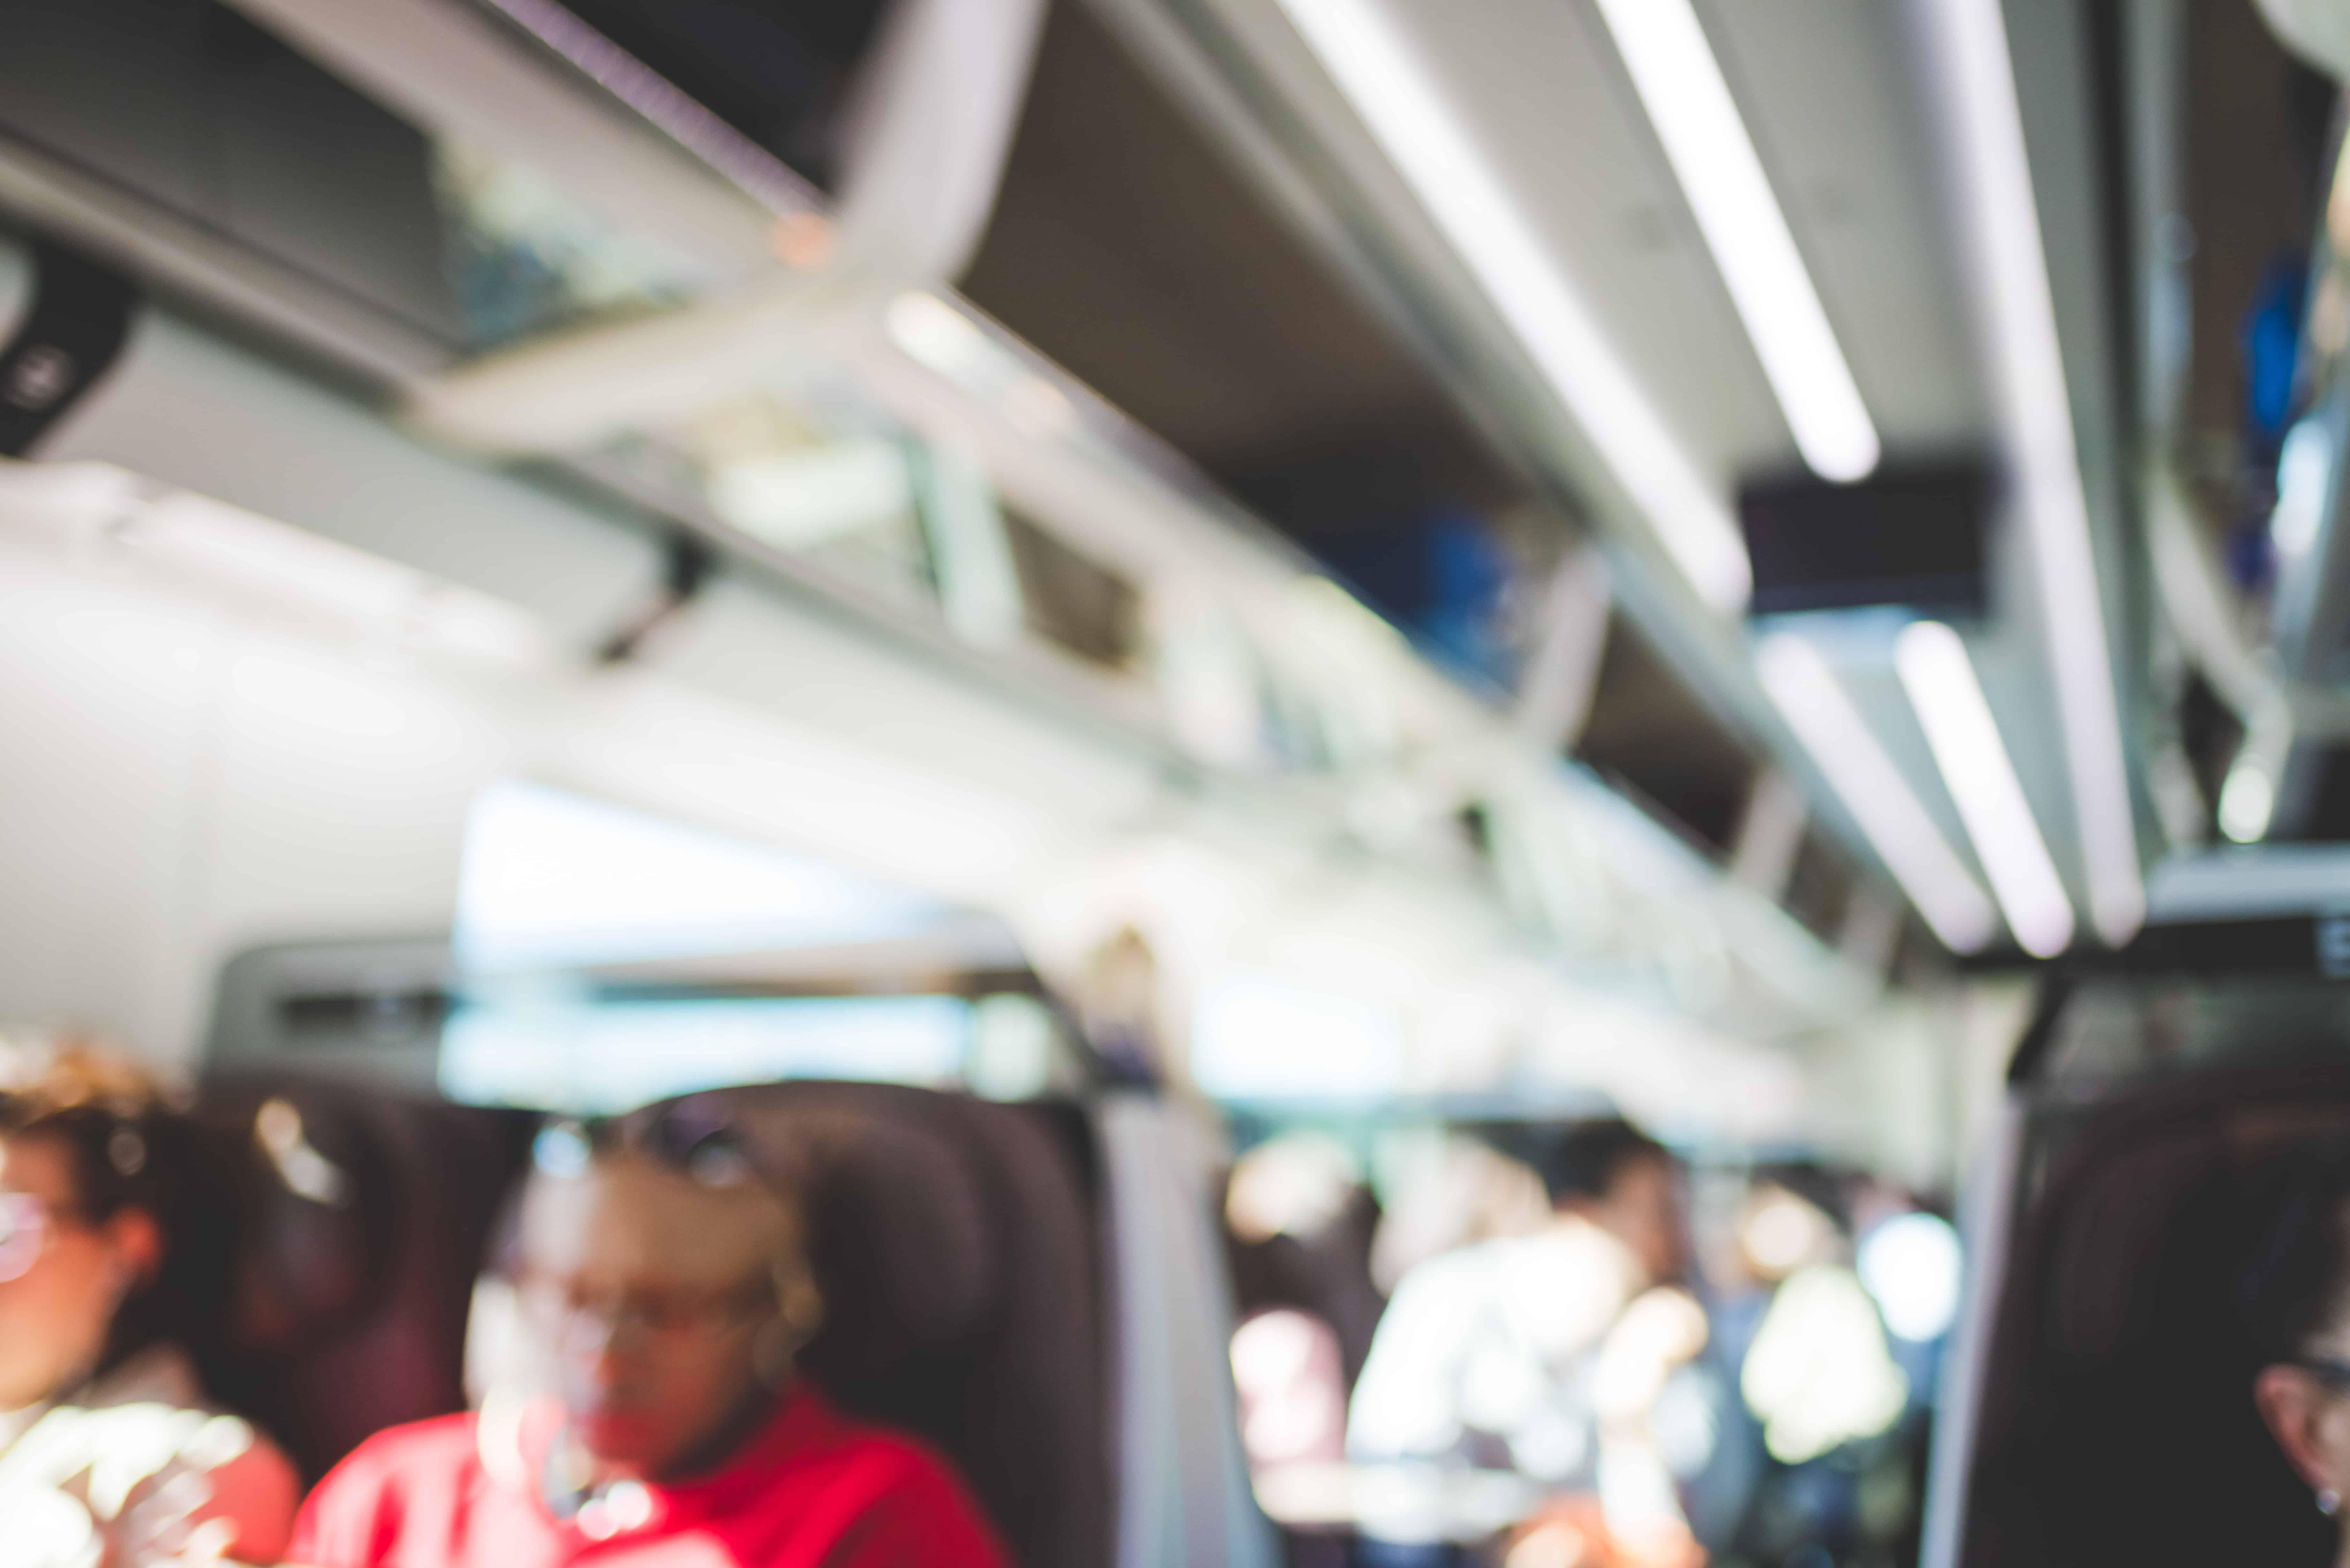 hacking united basic economy like a travel expert